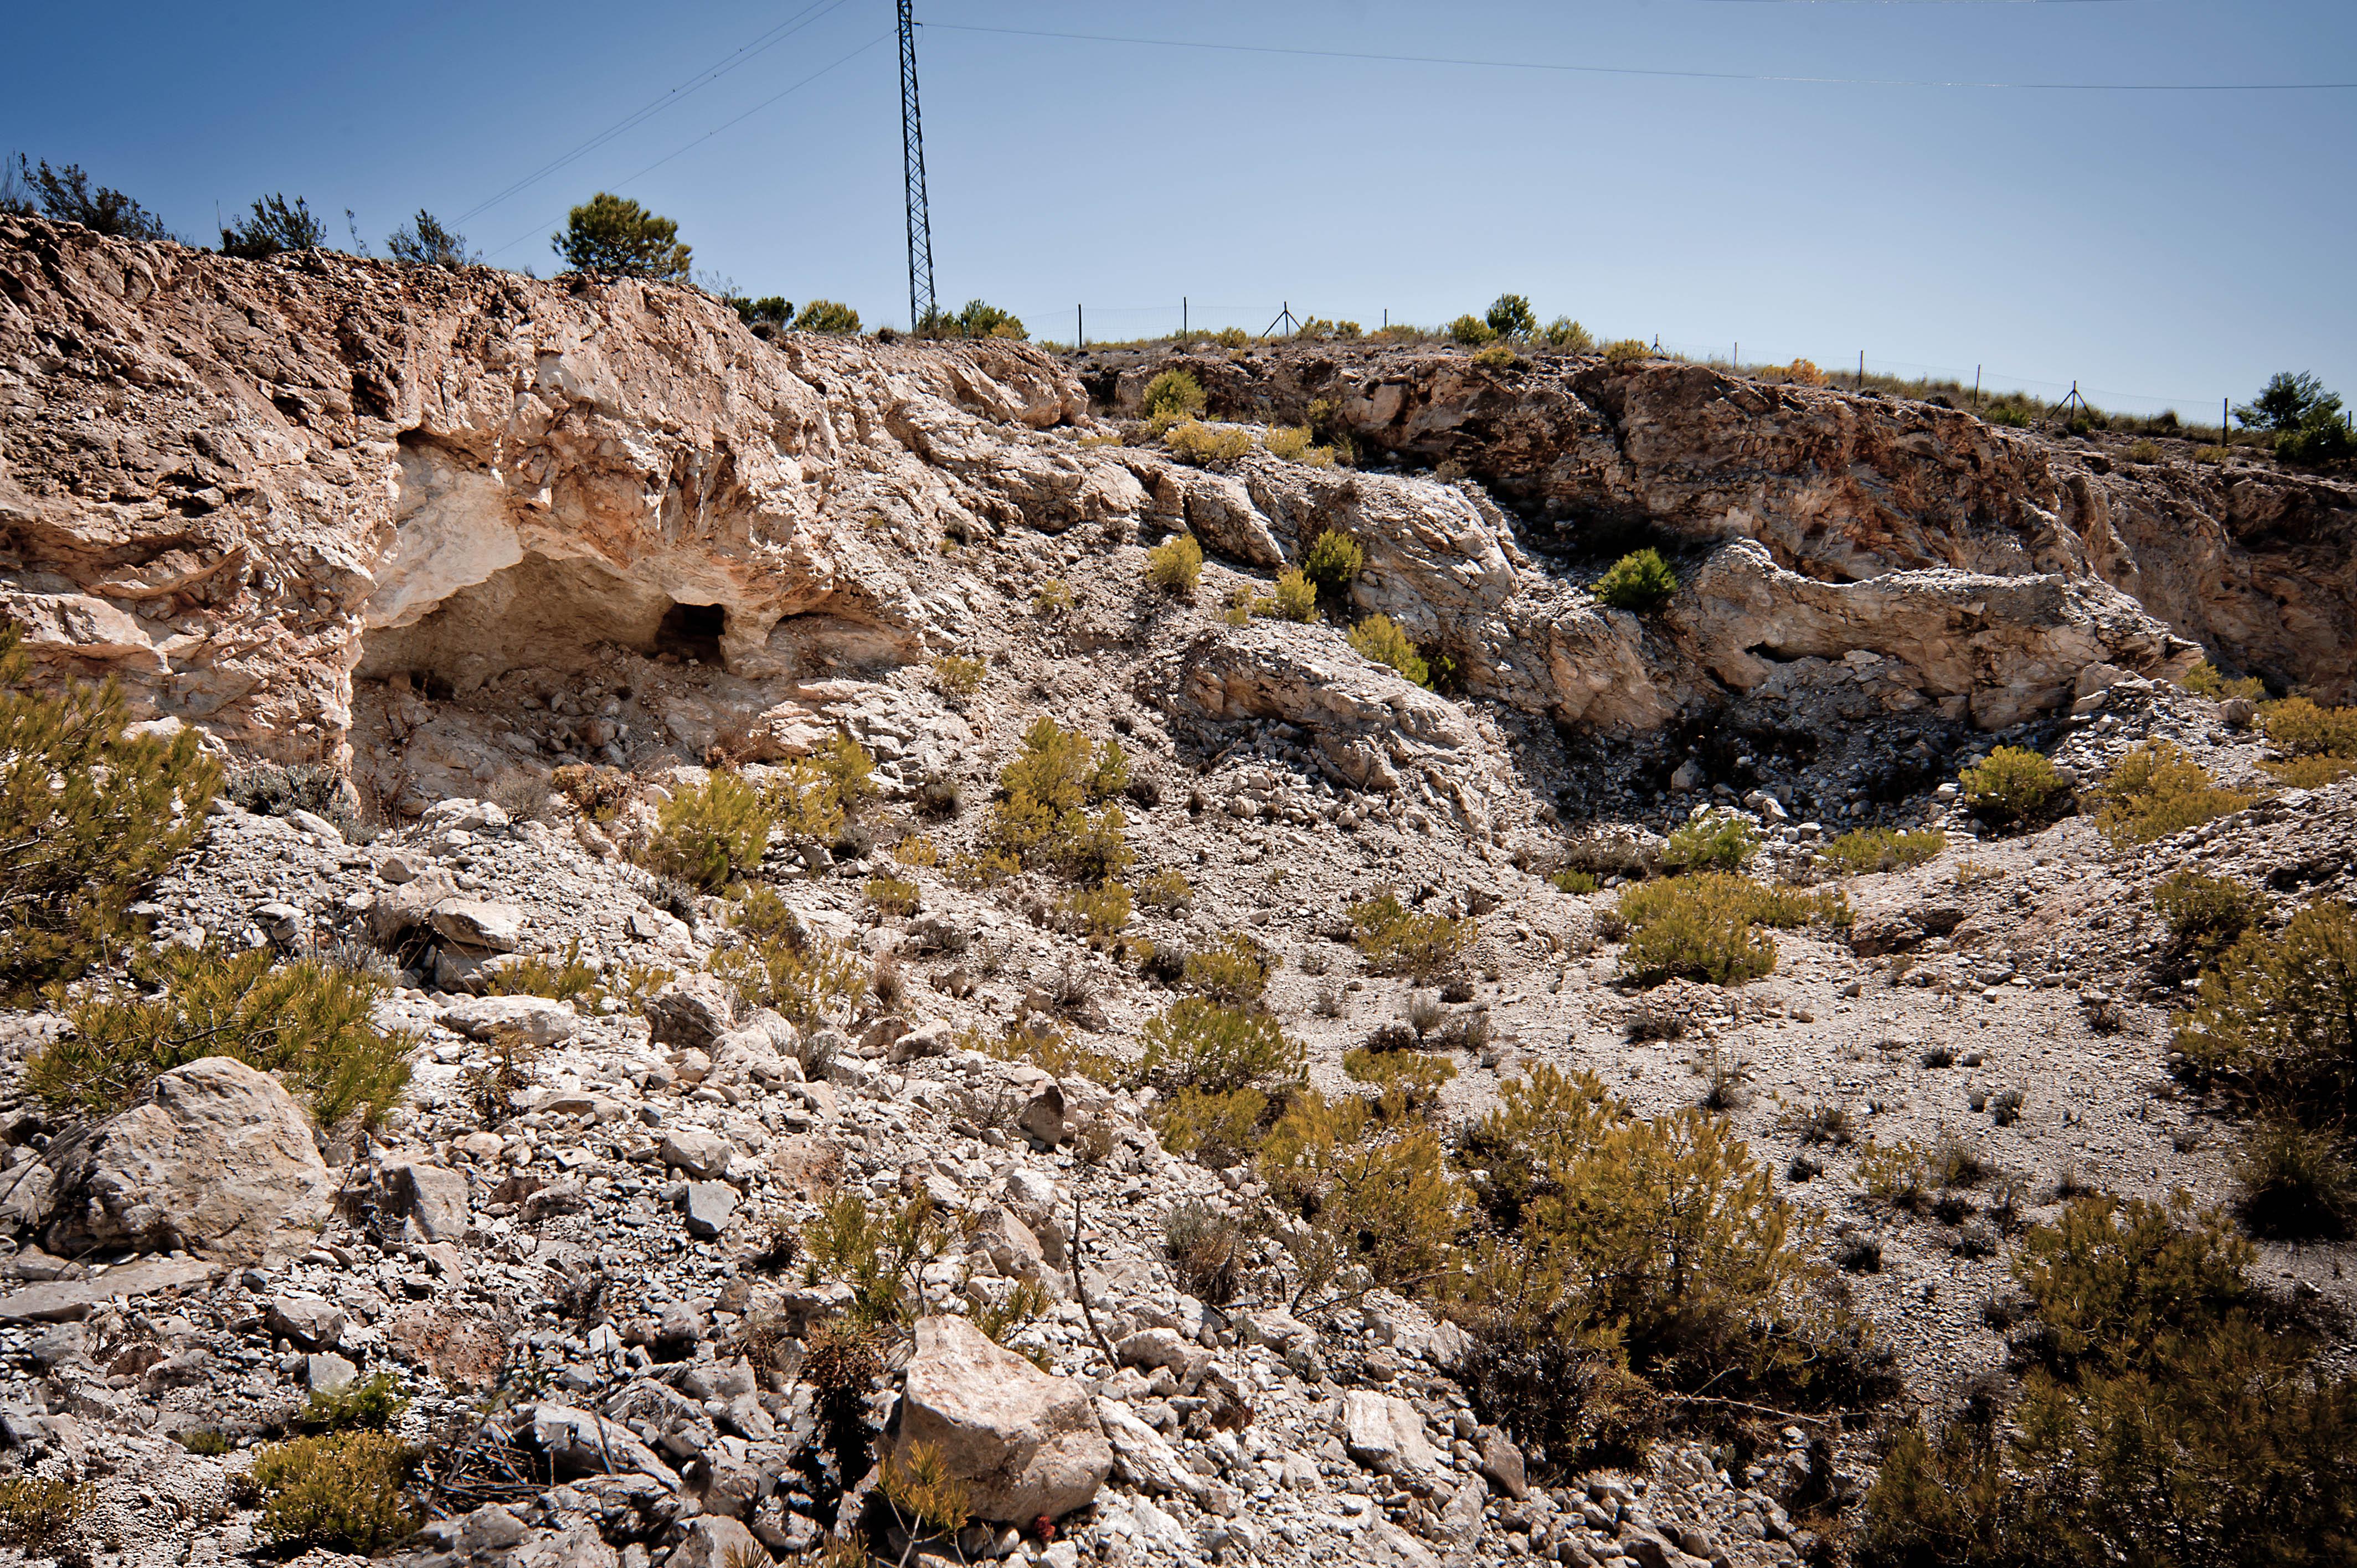 Vista antigua cantera de jaboncillo en Somontín © Fotografía: Antonio Azor